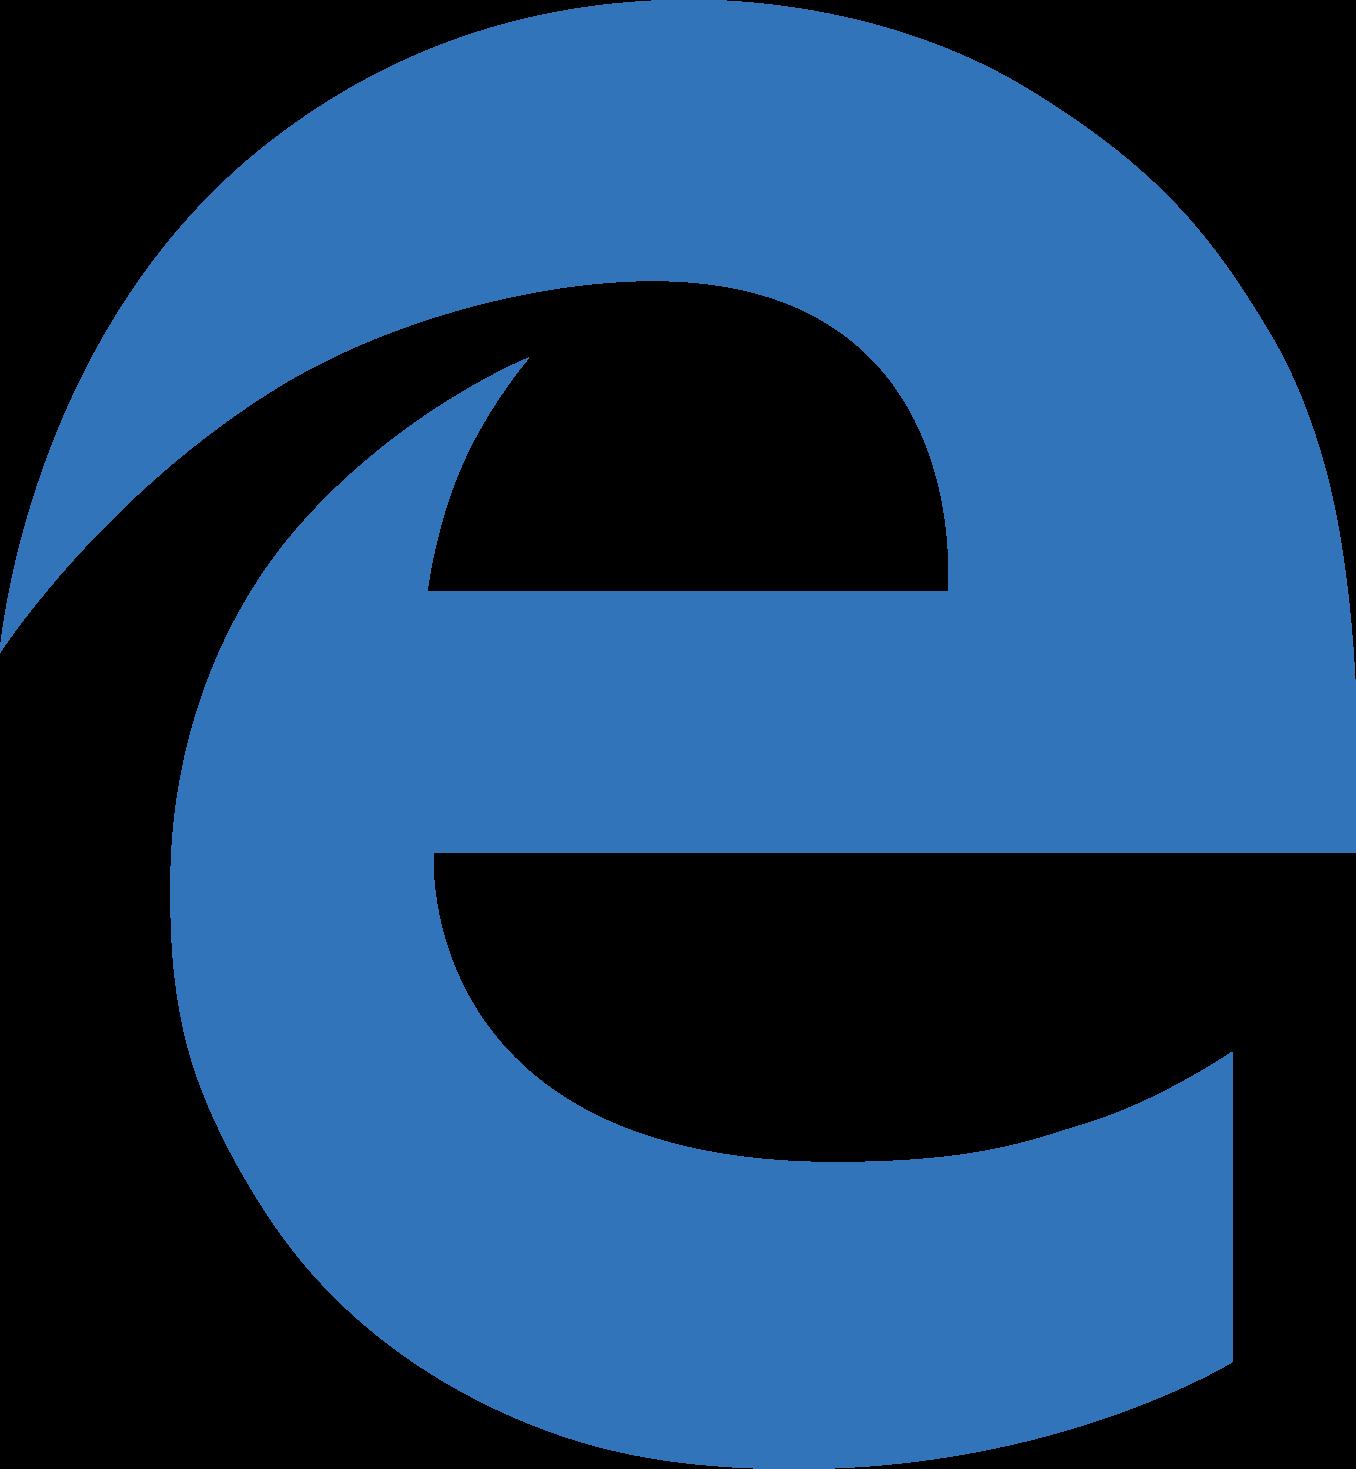 edge-icon